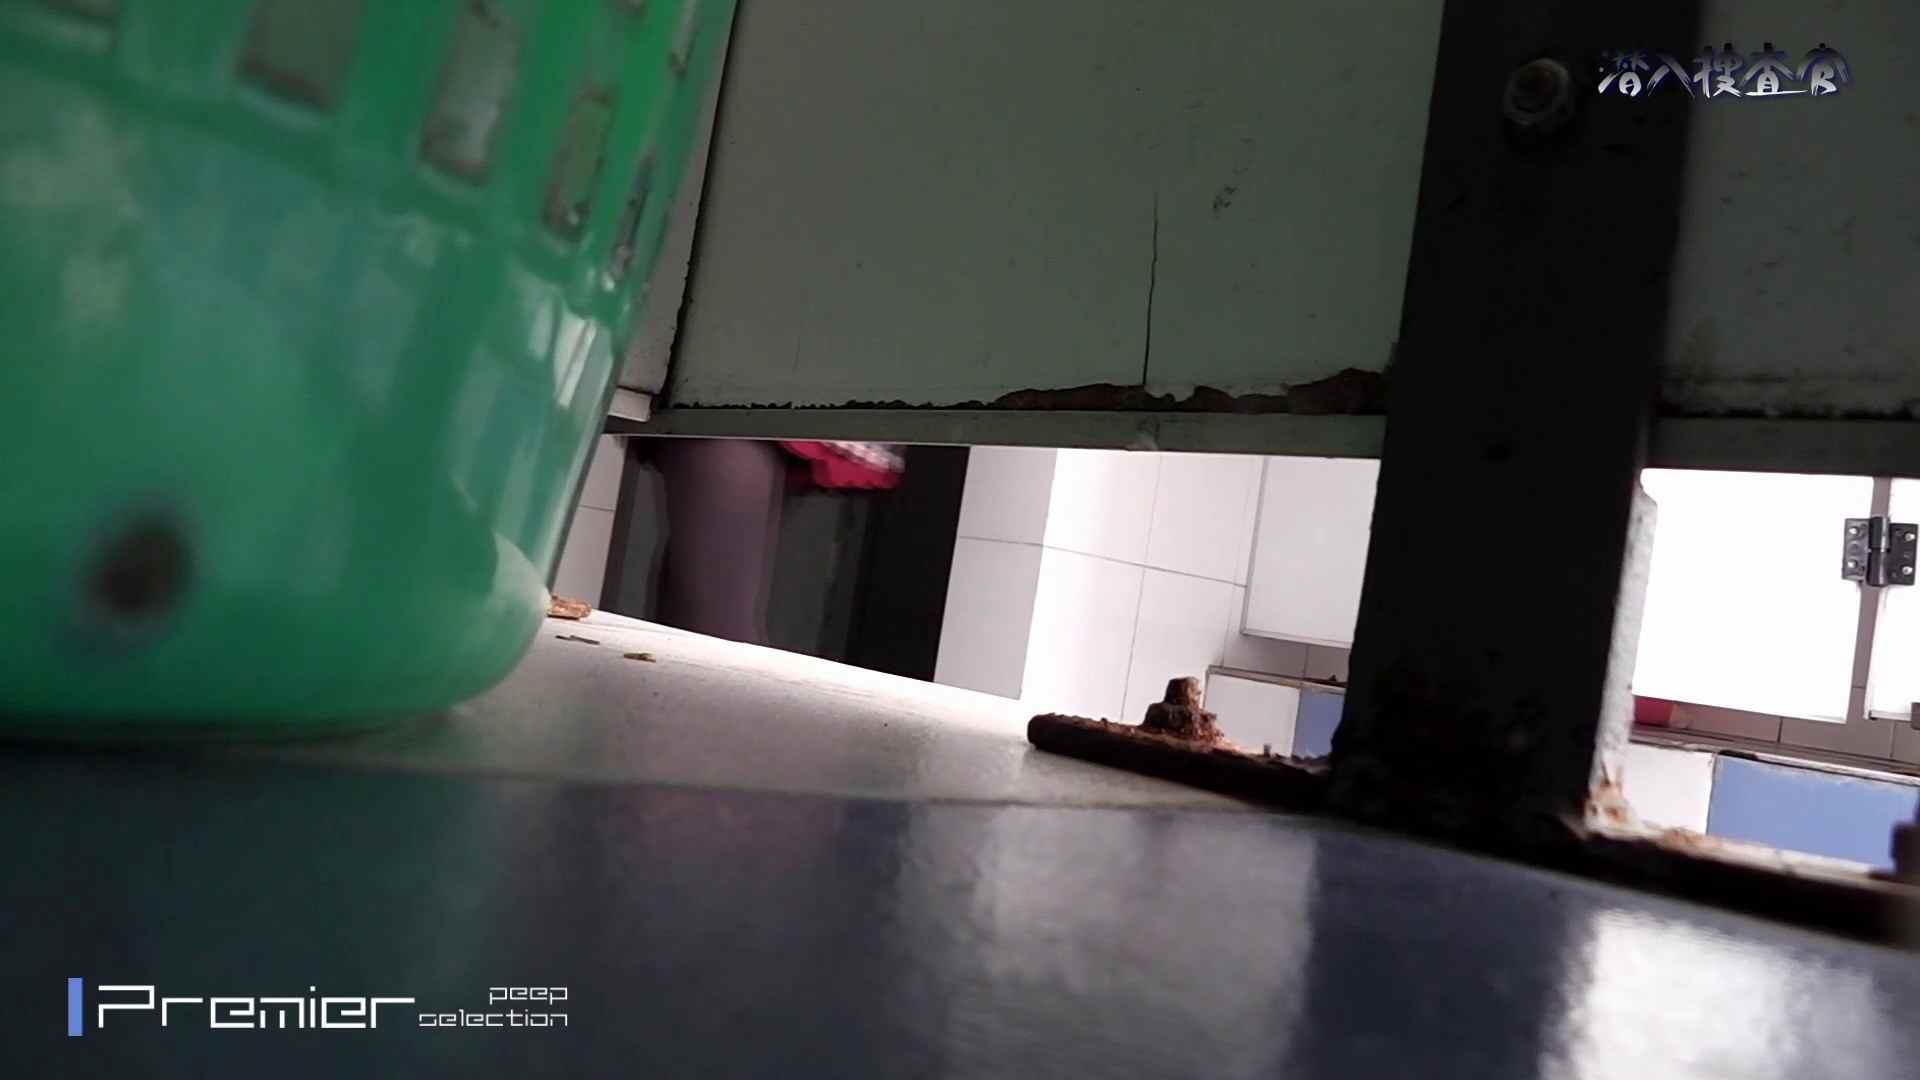 下からノゾム vol.039 やりすぎ、うぶげまで見えてます。 潜入 オマンコ無修正動画無料 111画像 109